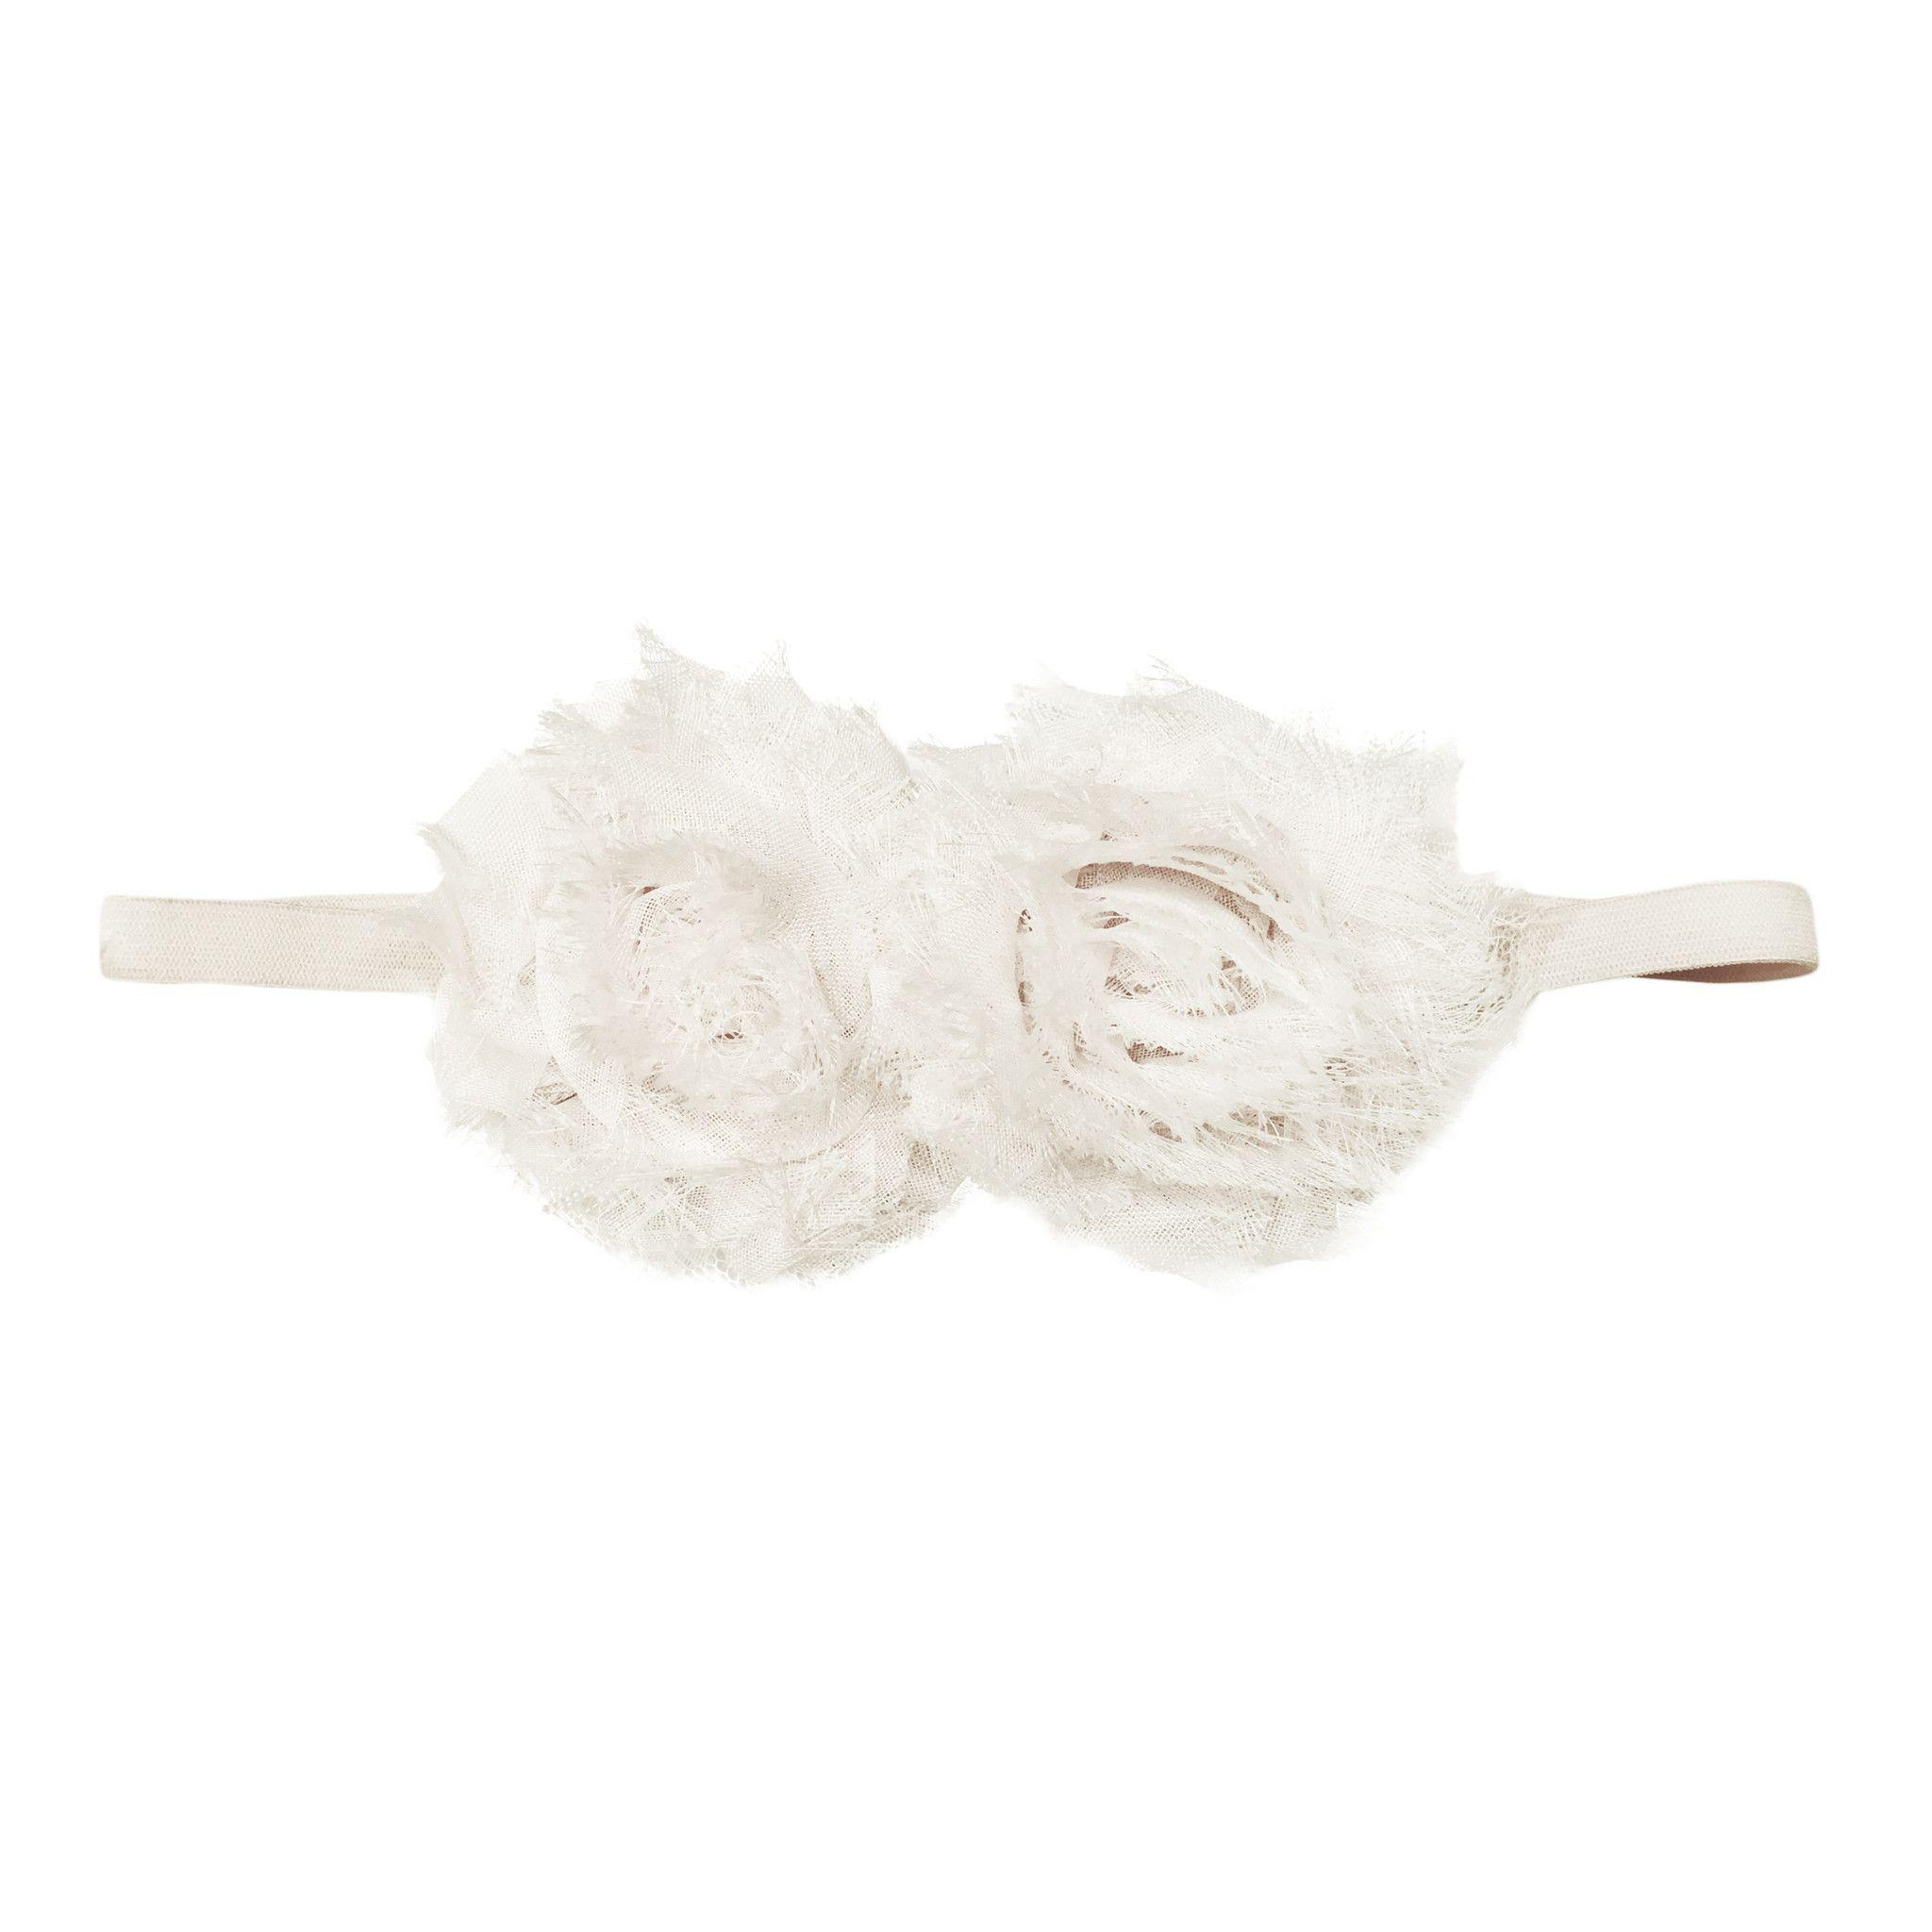 Shabby Chic Headband - White